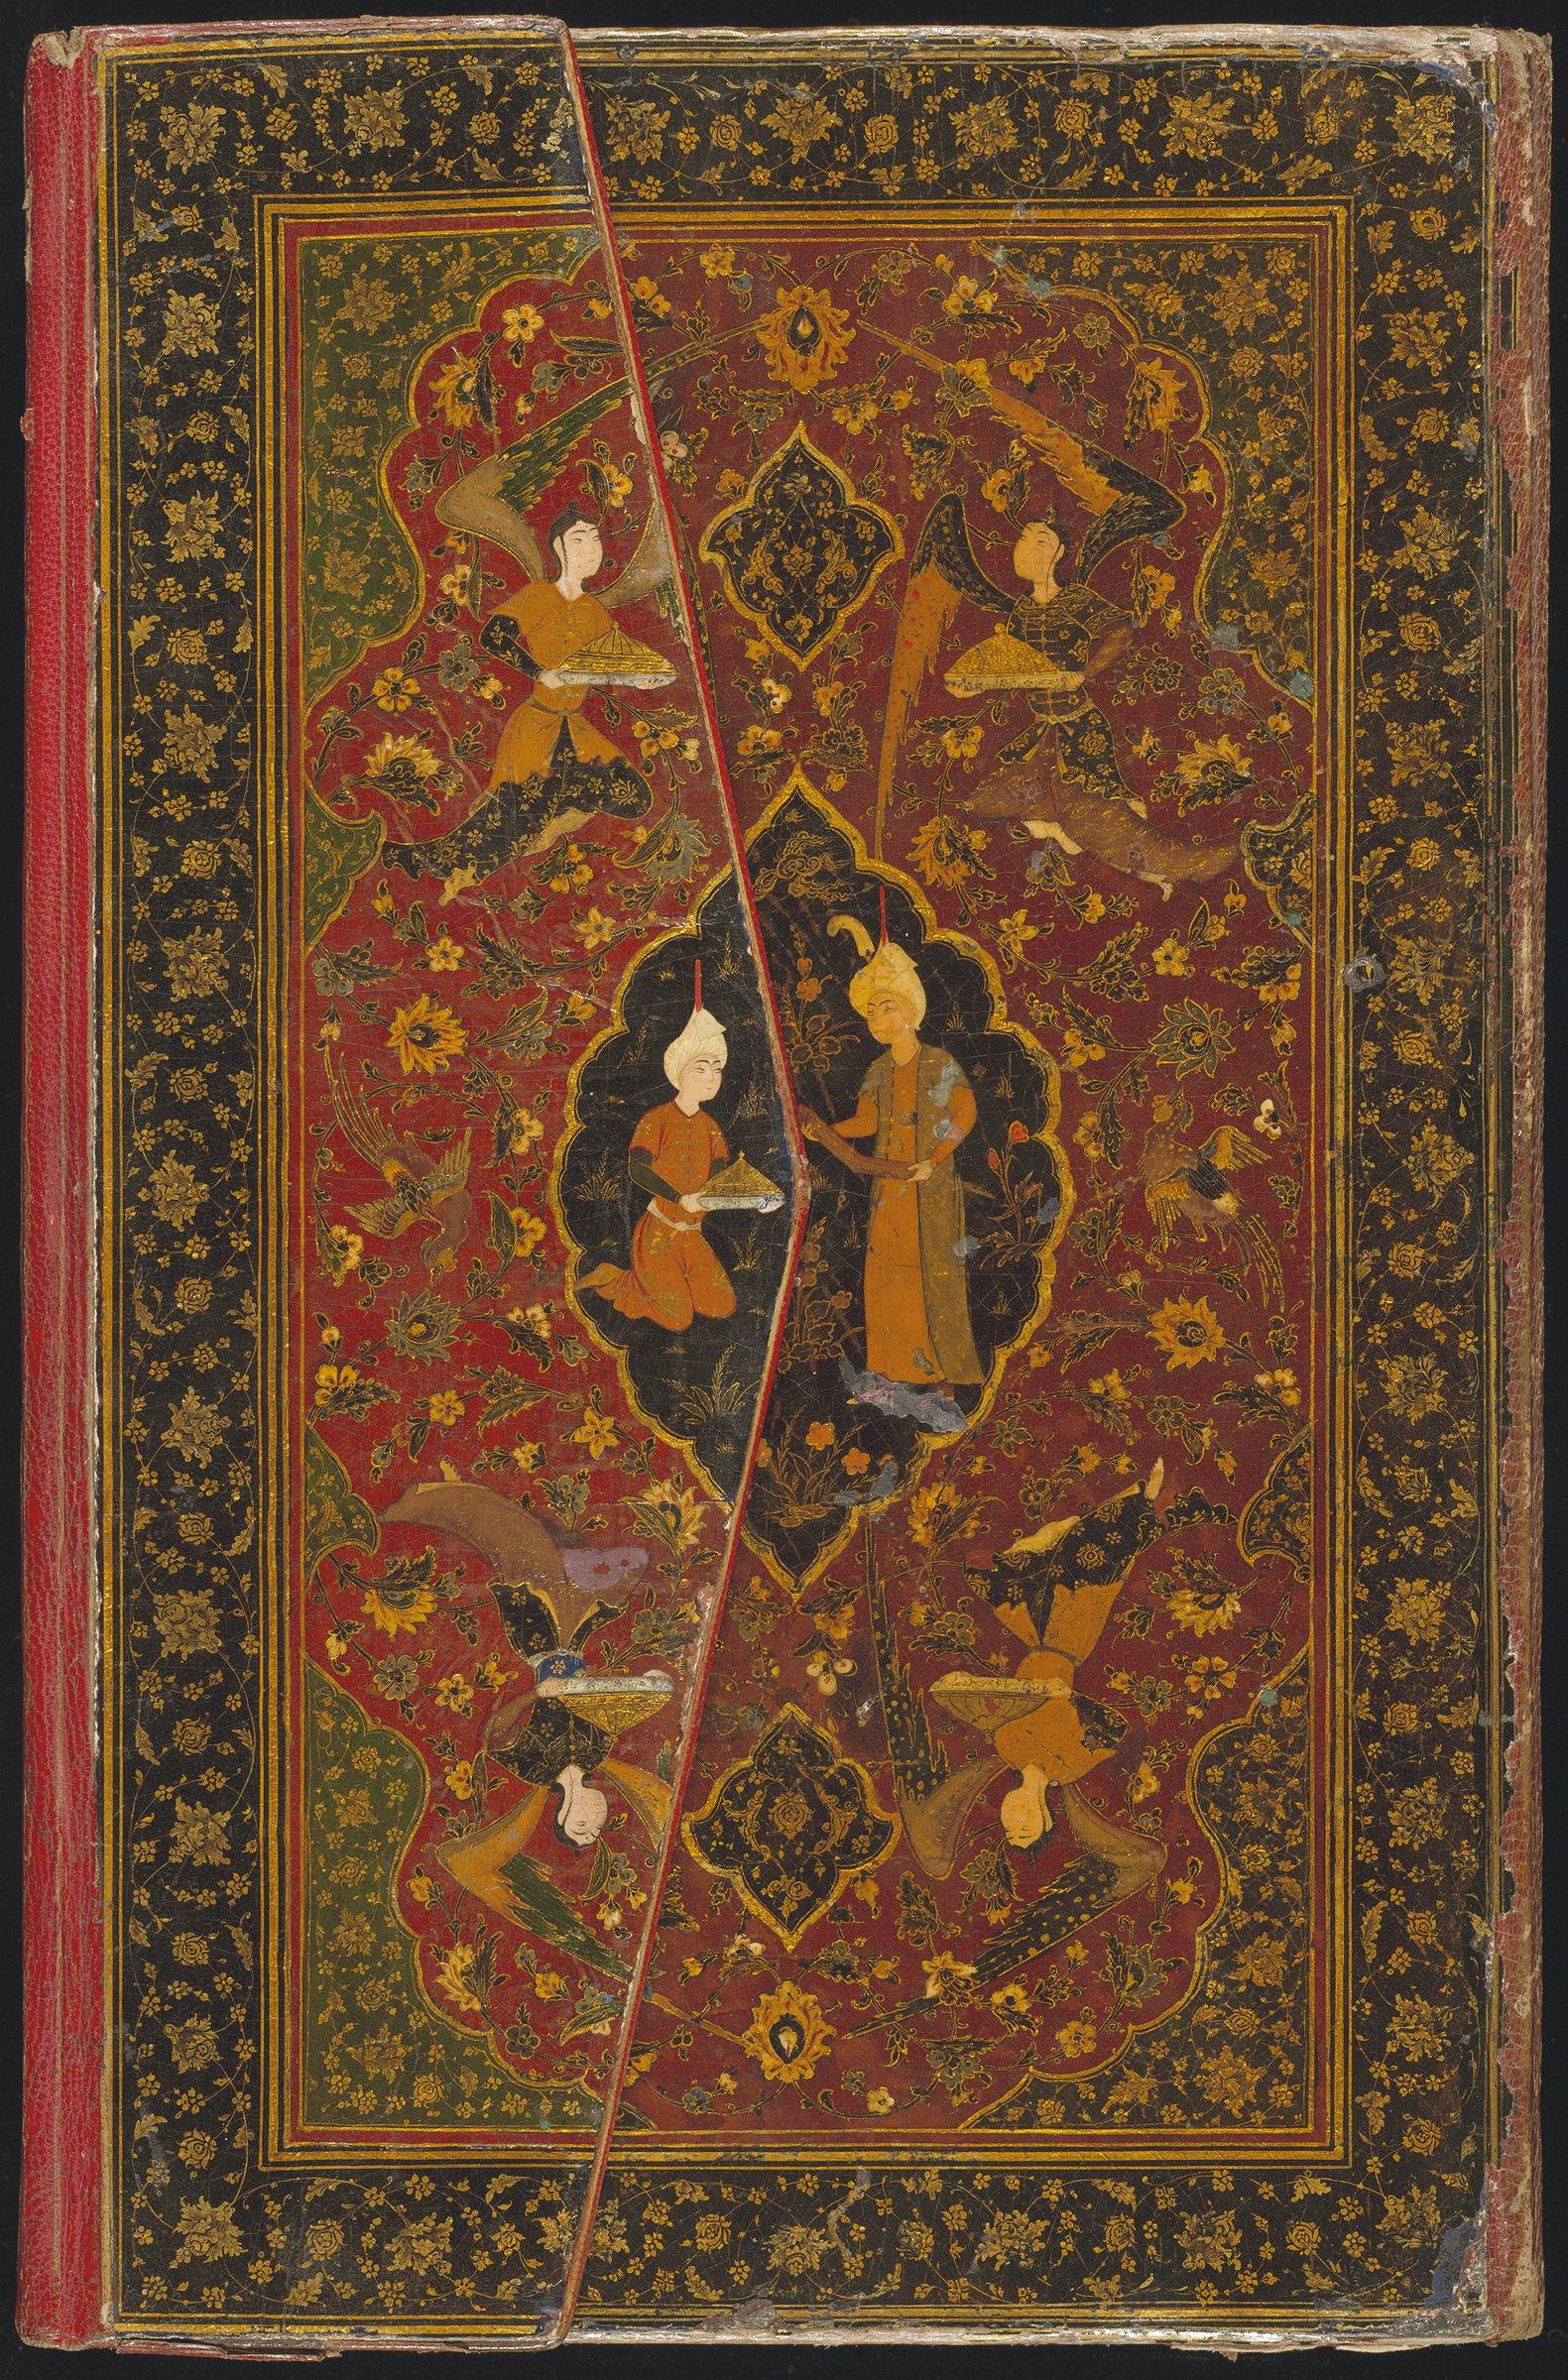 Moten forteller en historie fabelaktig formidling for Divan e hafez